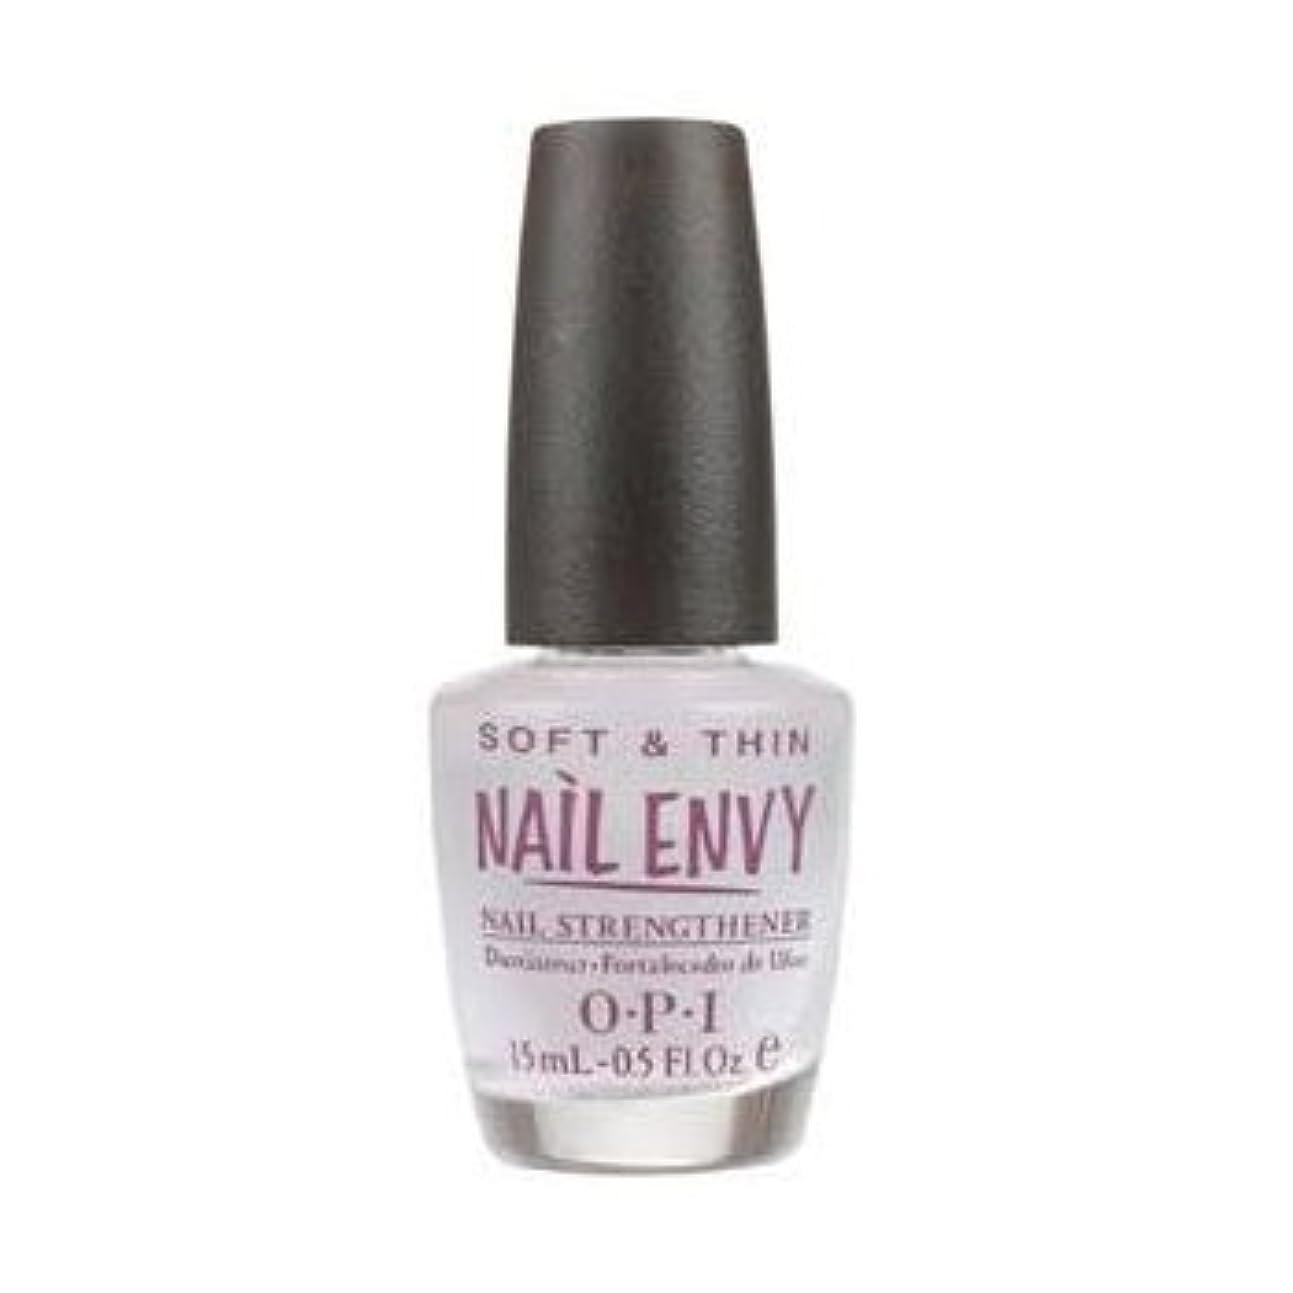 操るスケルトン通り抜けるOPI Nail Polish Nail Envy Soft & Thin Natural Nail Strengthener For Soft, Thin Nails